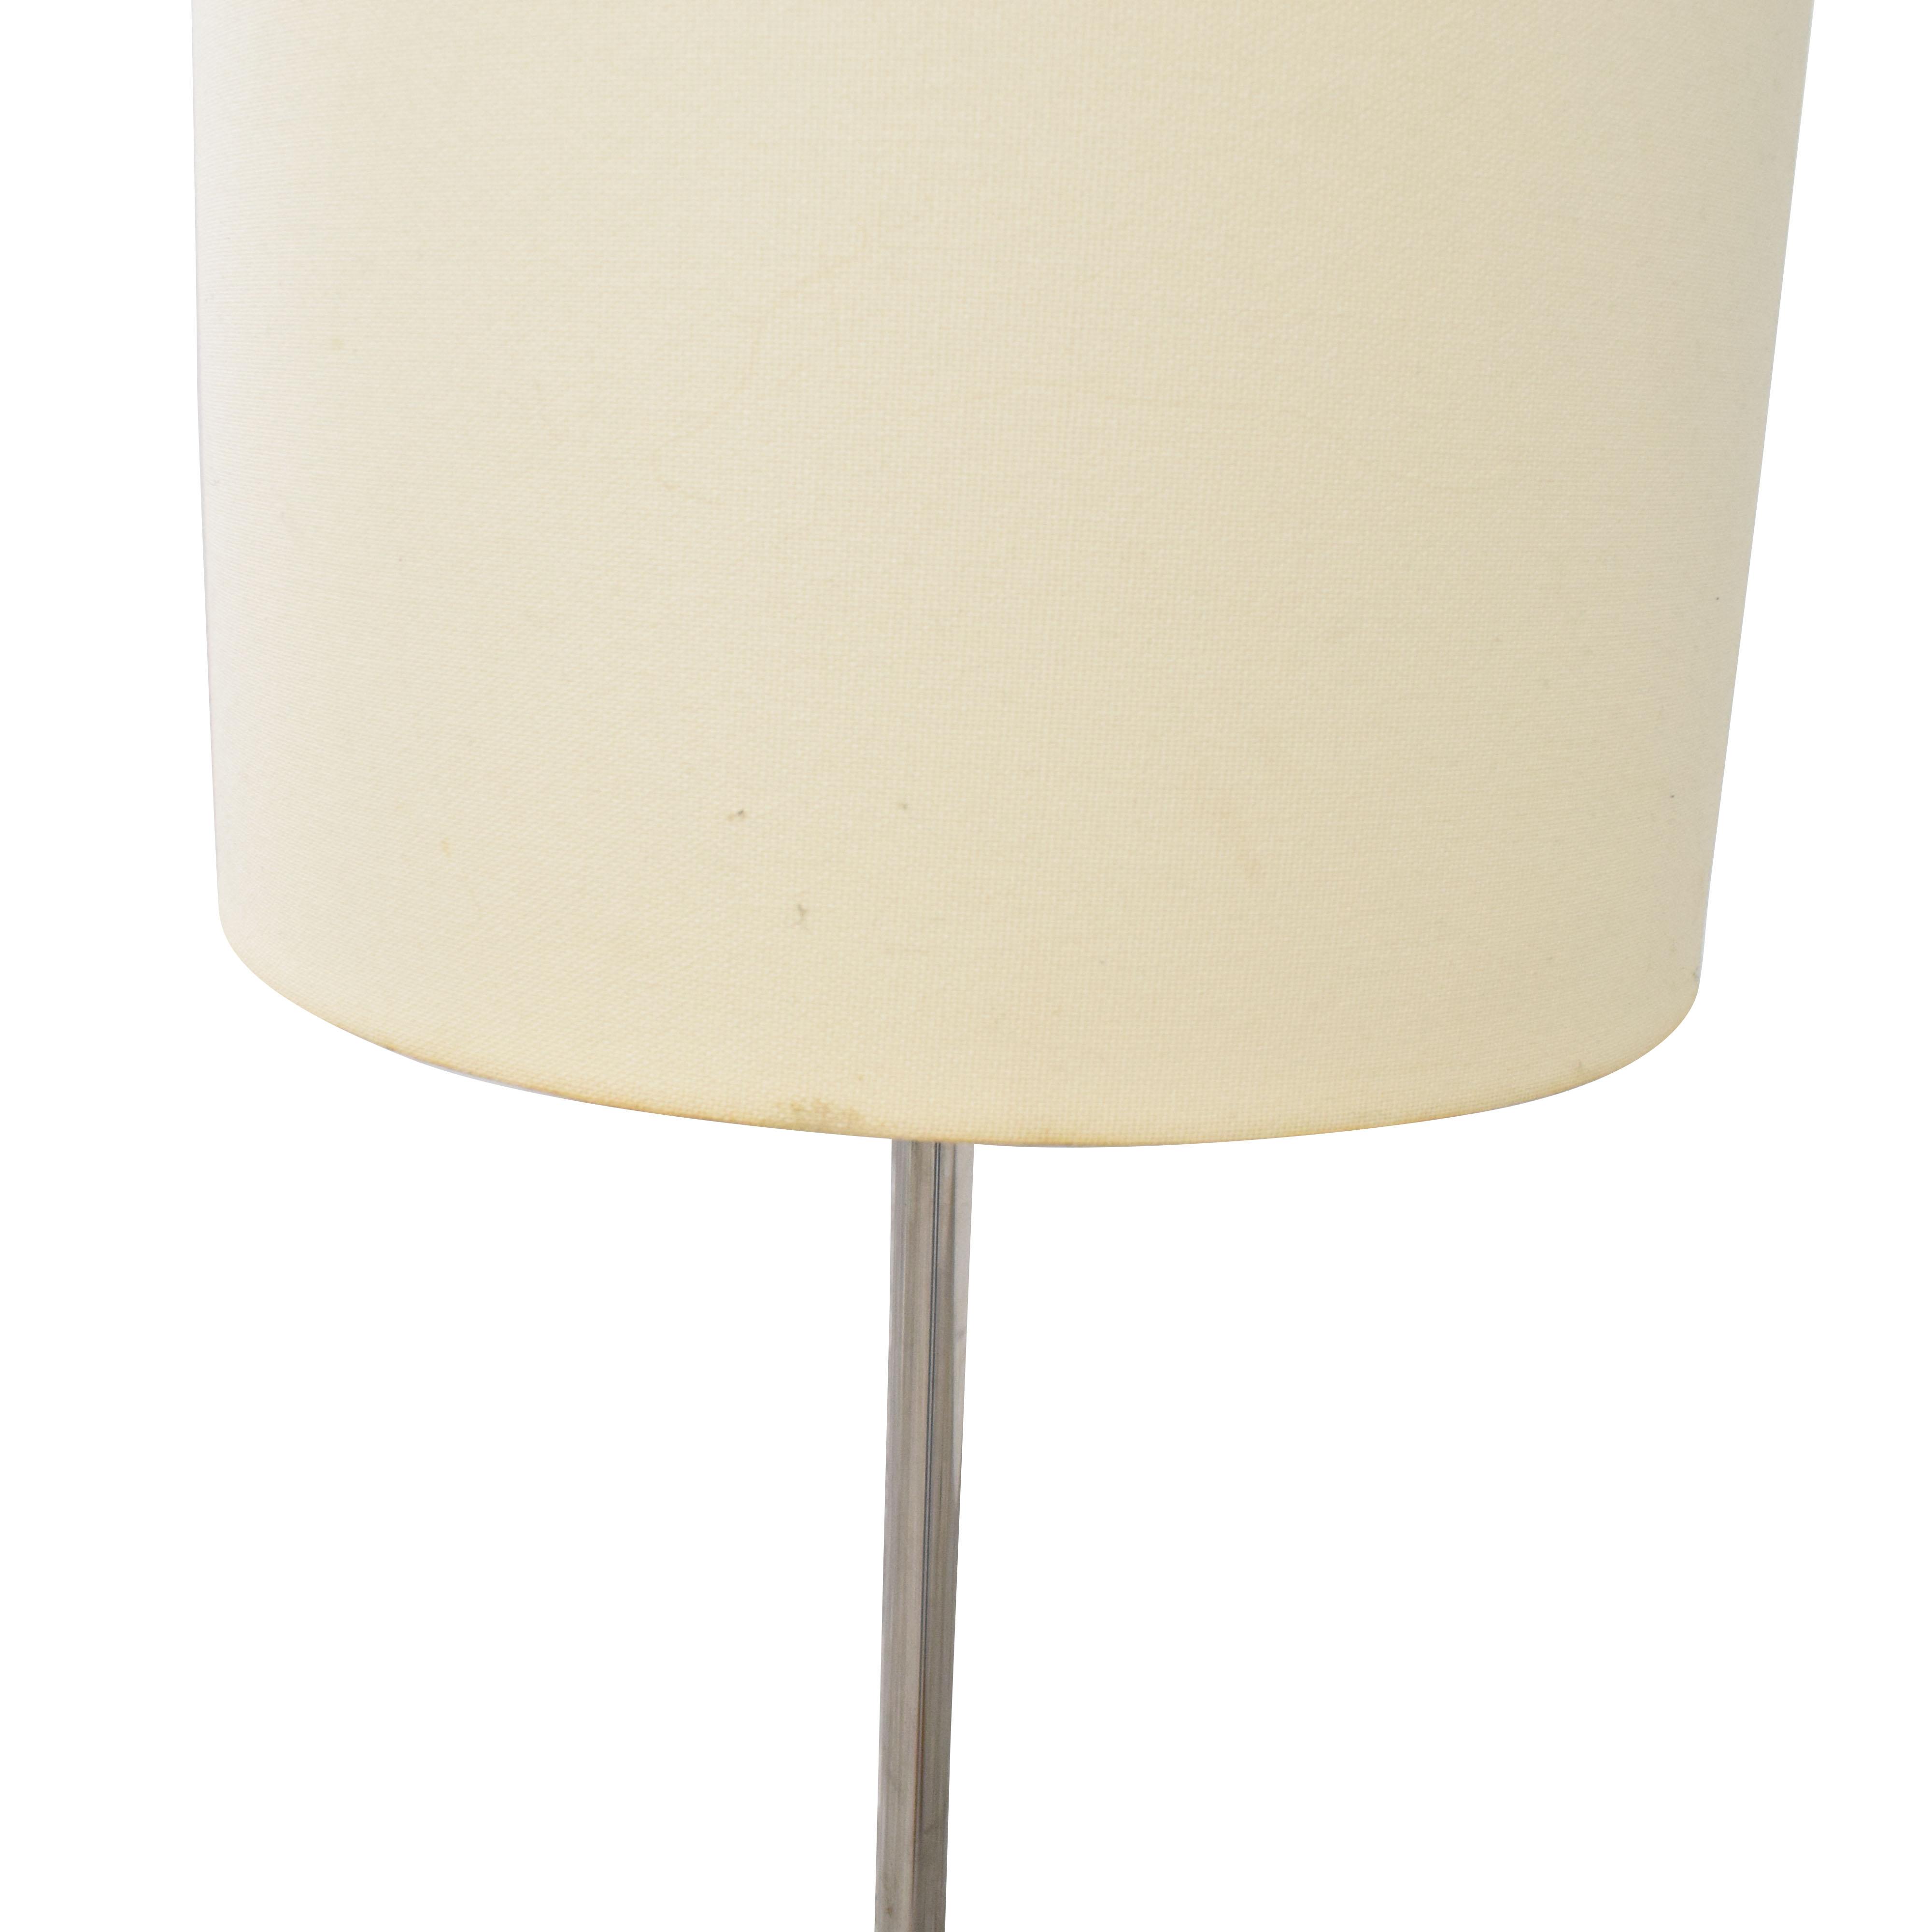 Crate & Barrel Crate & Barrel Tribeca Floor Lamp discount